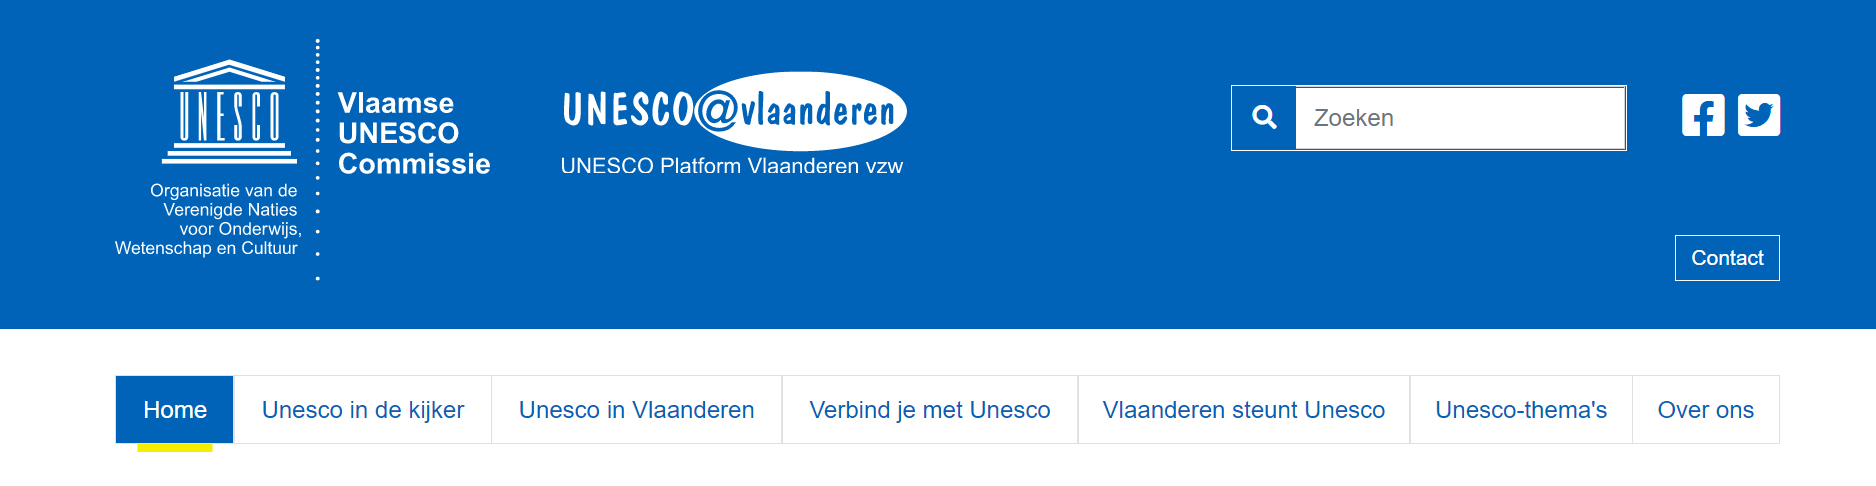 Nieuwe website Unesco